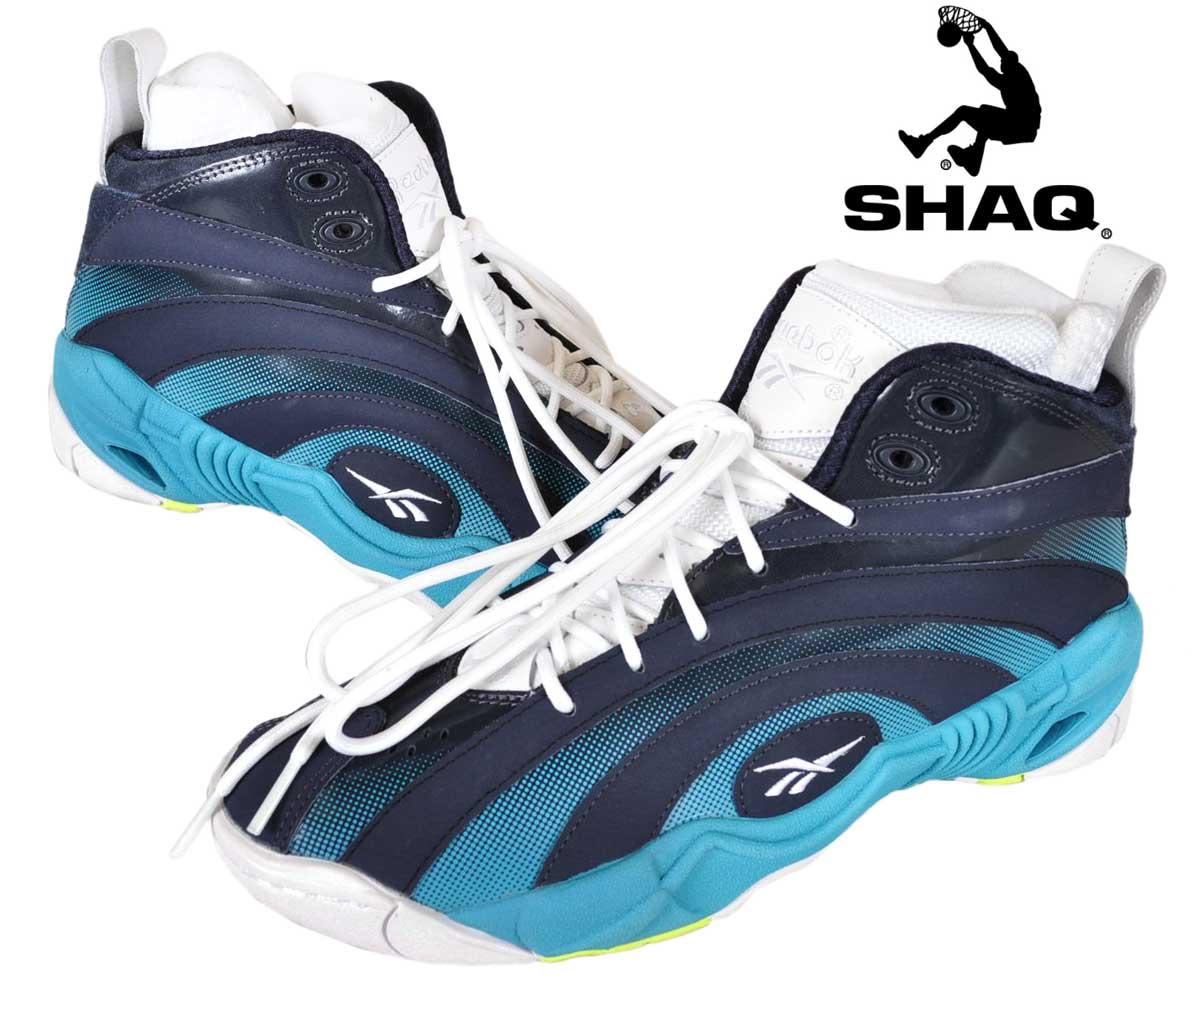 Reebok Reebok SHAQNOSIS OG shacknosis OG high cut basket shoes Navy blue white JPN25.0cm 1